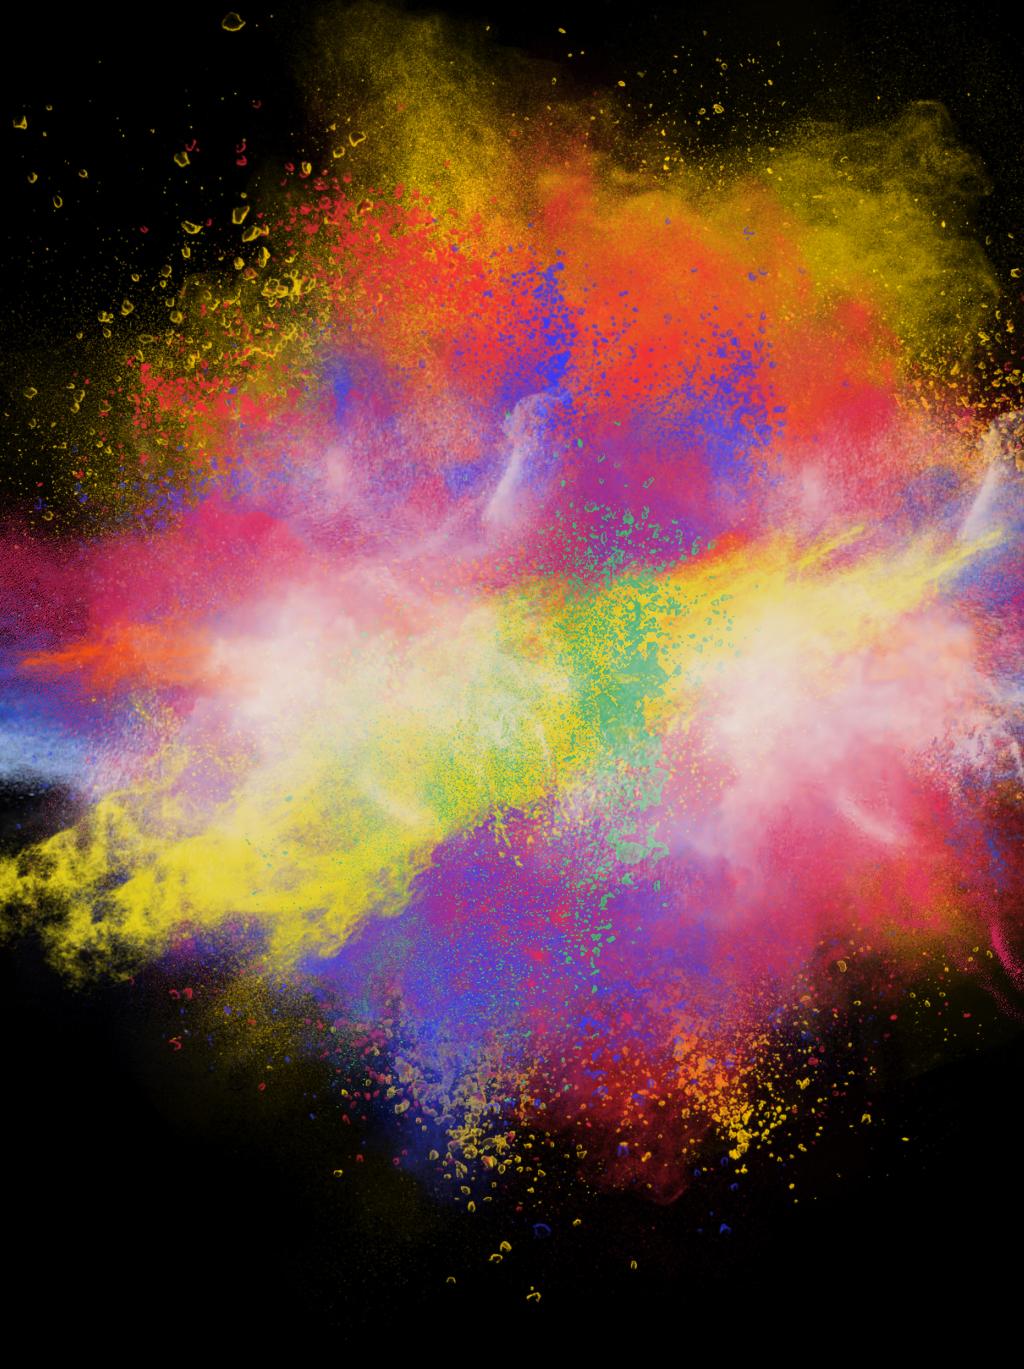 de plumas cachecol aquarela textura background arte pe u00e7a de vestu u00e1rio fractal imagem de plano de